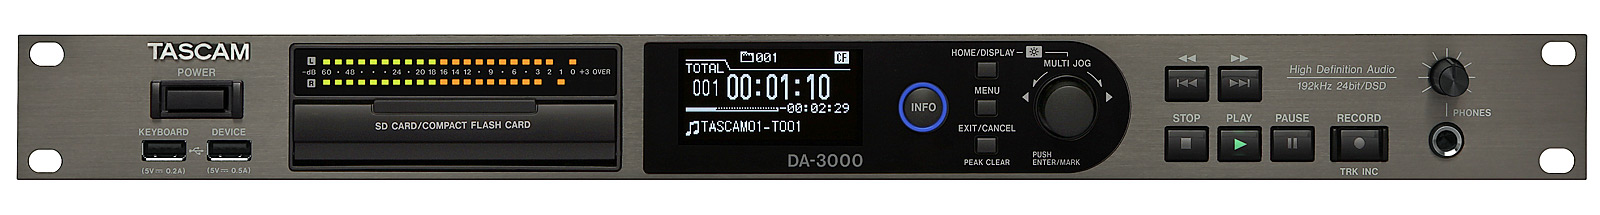 Tascam DA-3000 Stereo audio recorder AD/DA converter